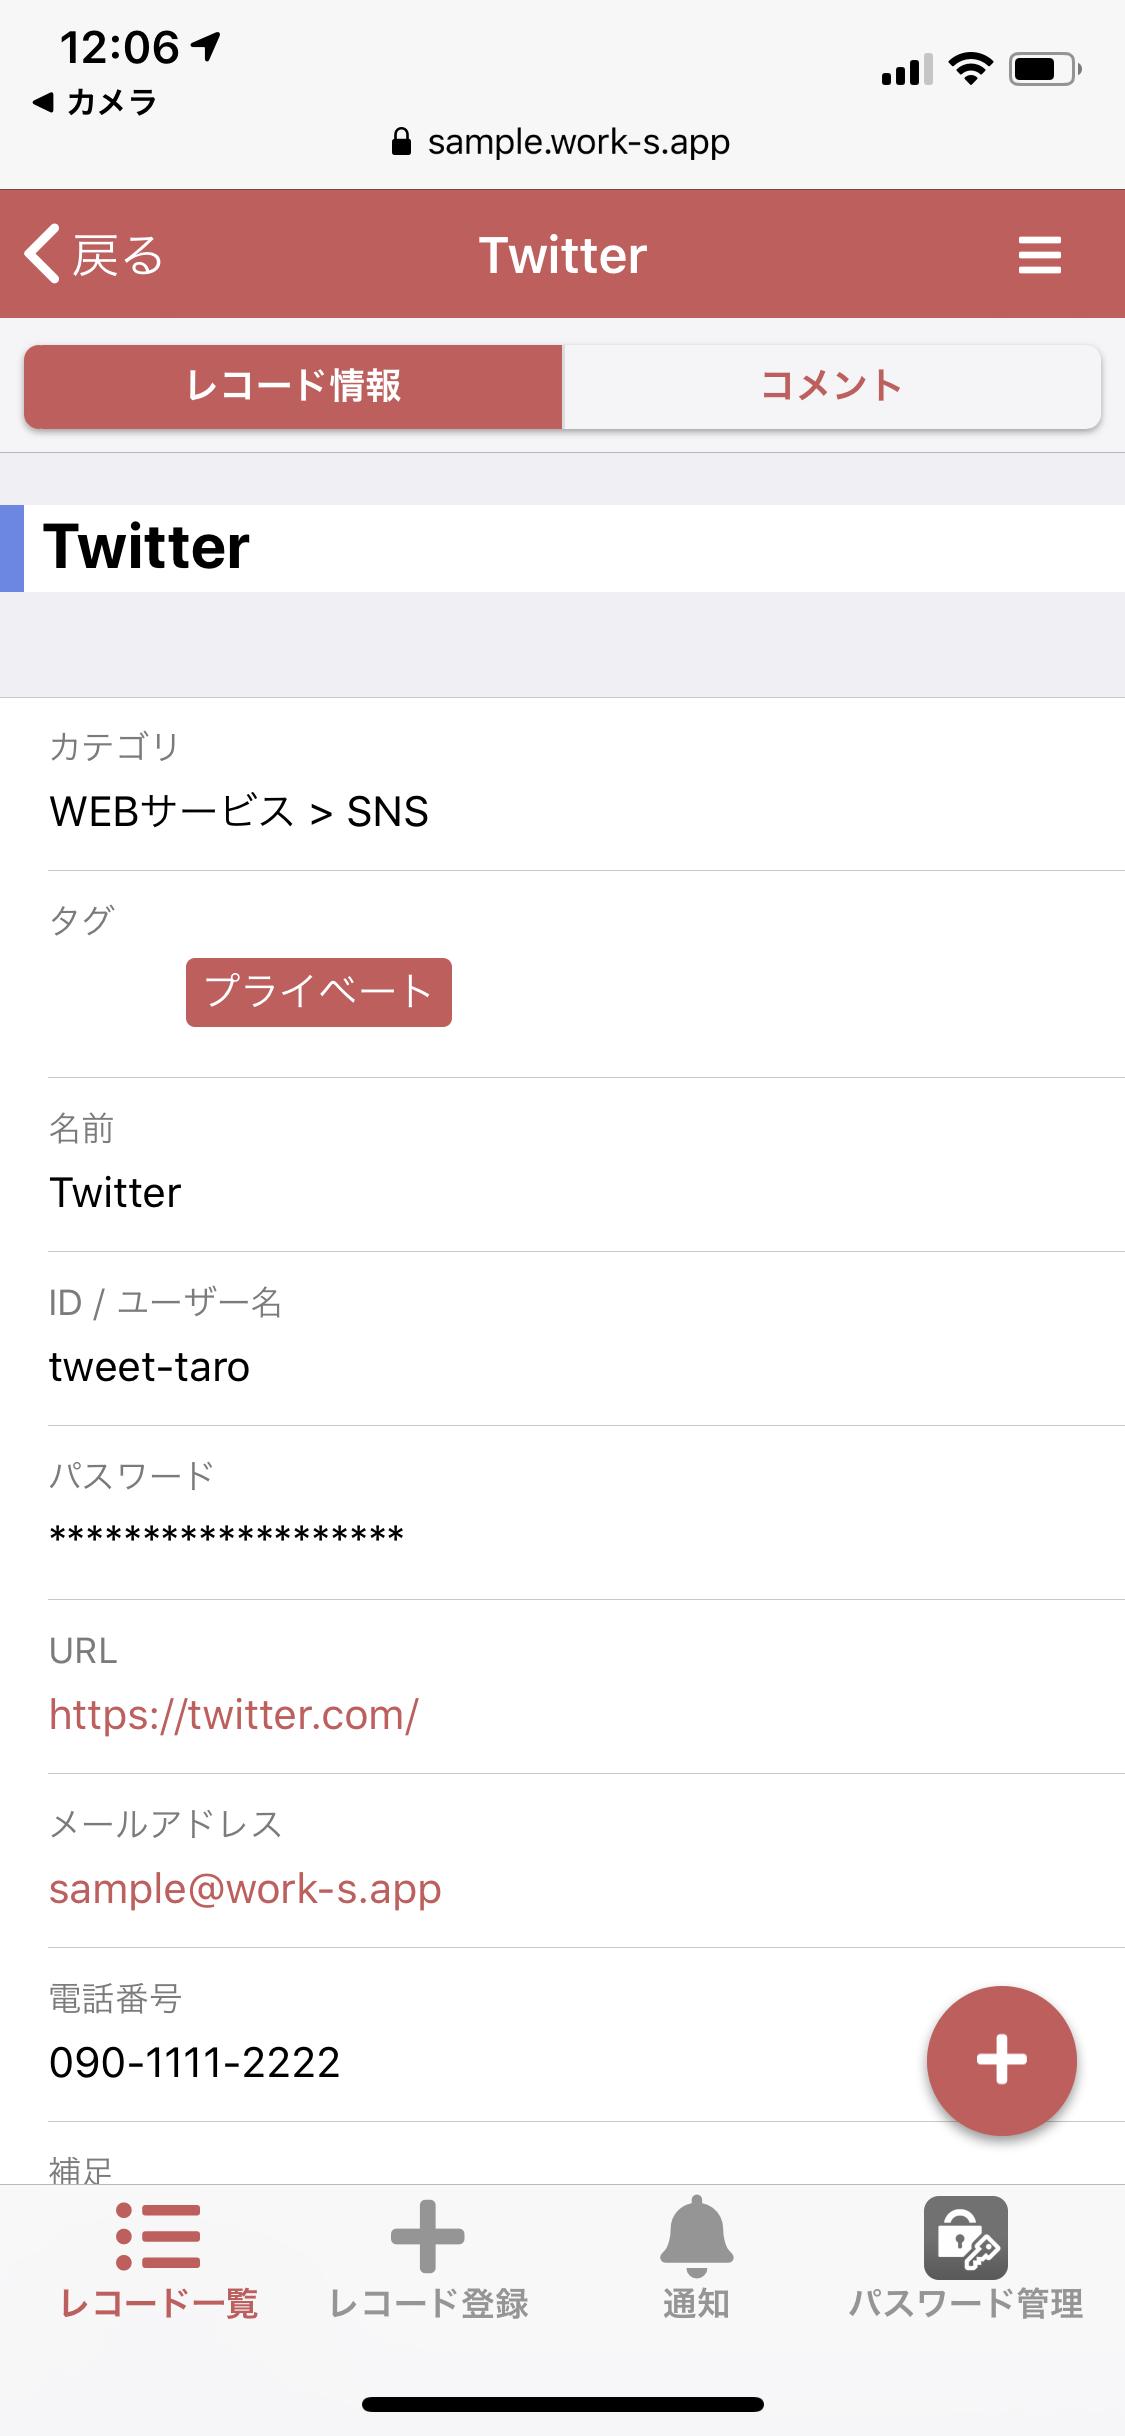 モバイル 詳細.PNG